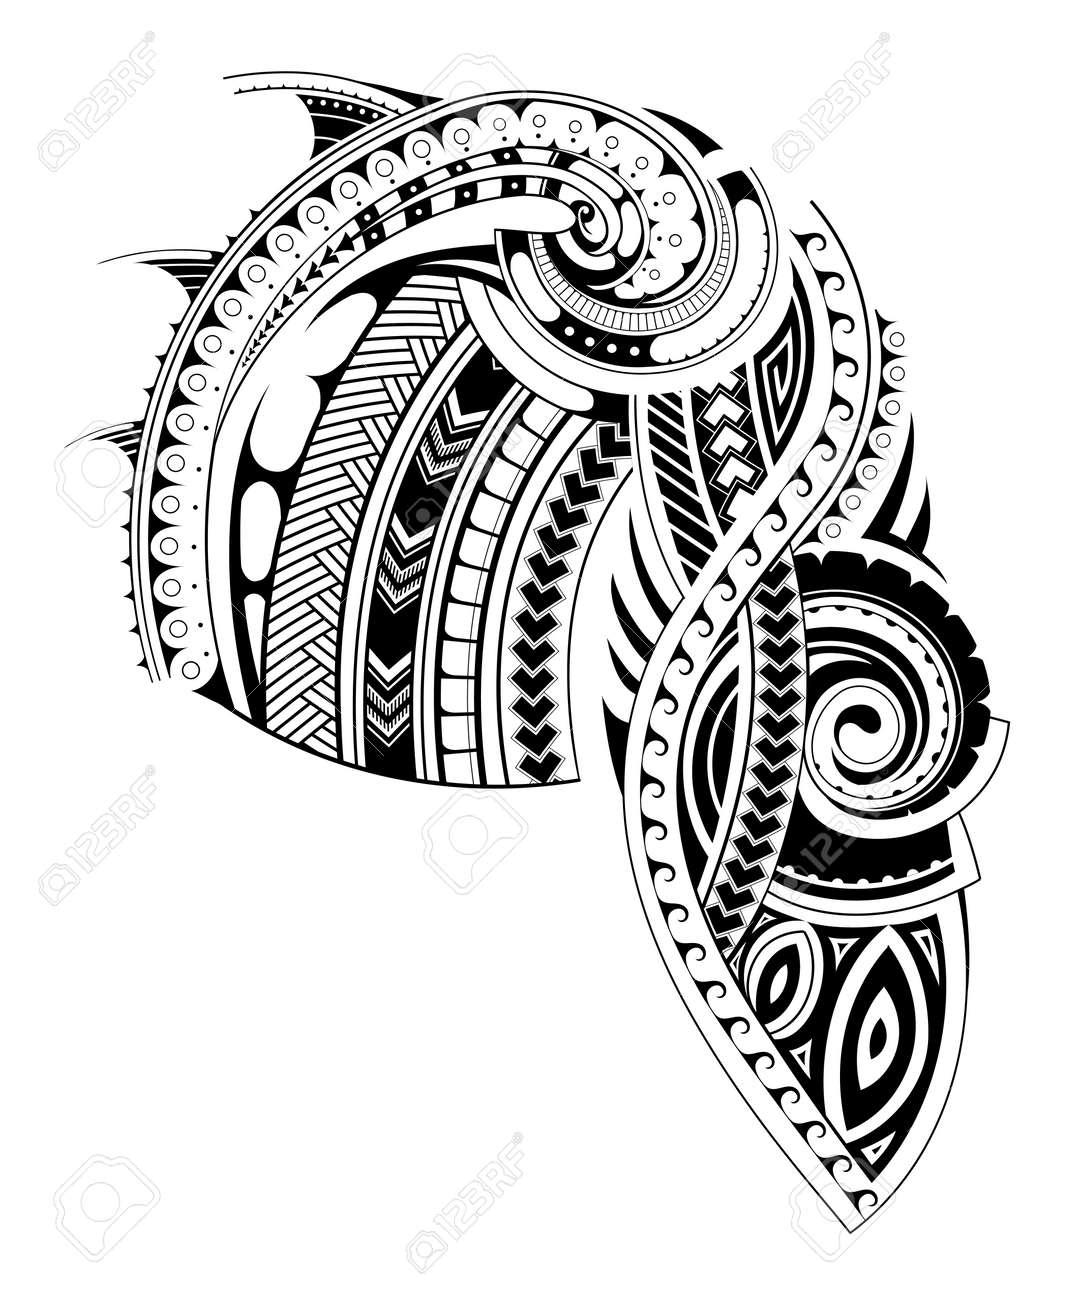 Diseño Del Tatuaje Maorí De Estilo Para Las áreas Del Pecho Y Manga